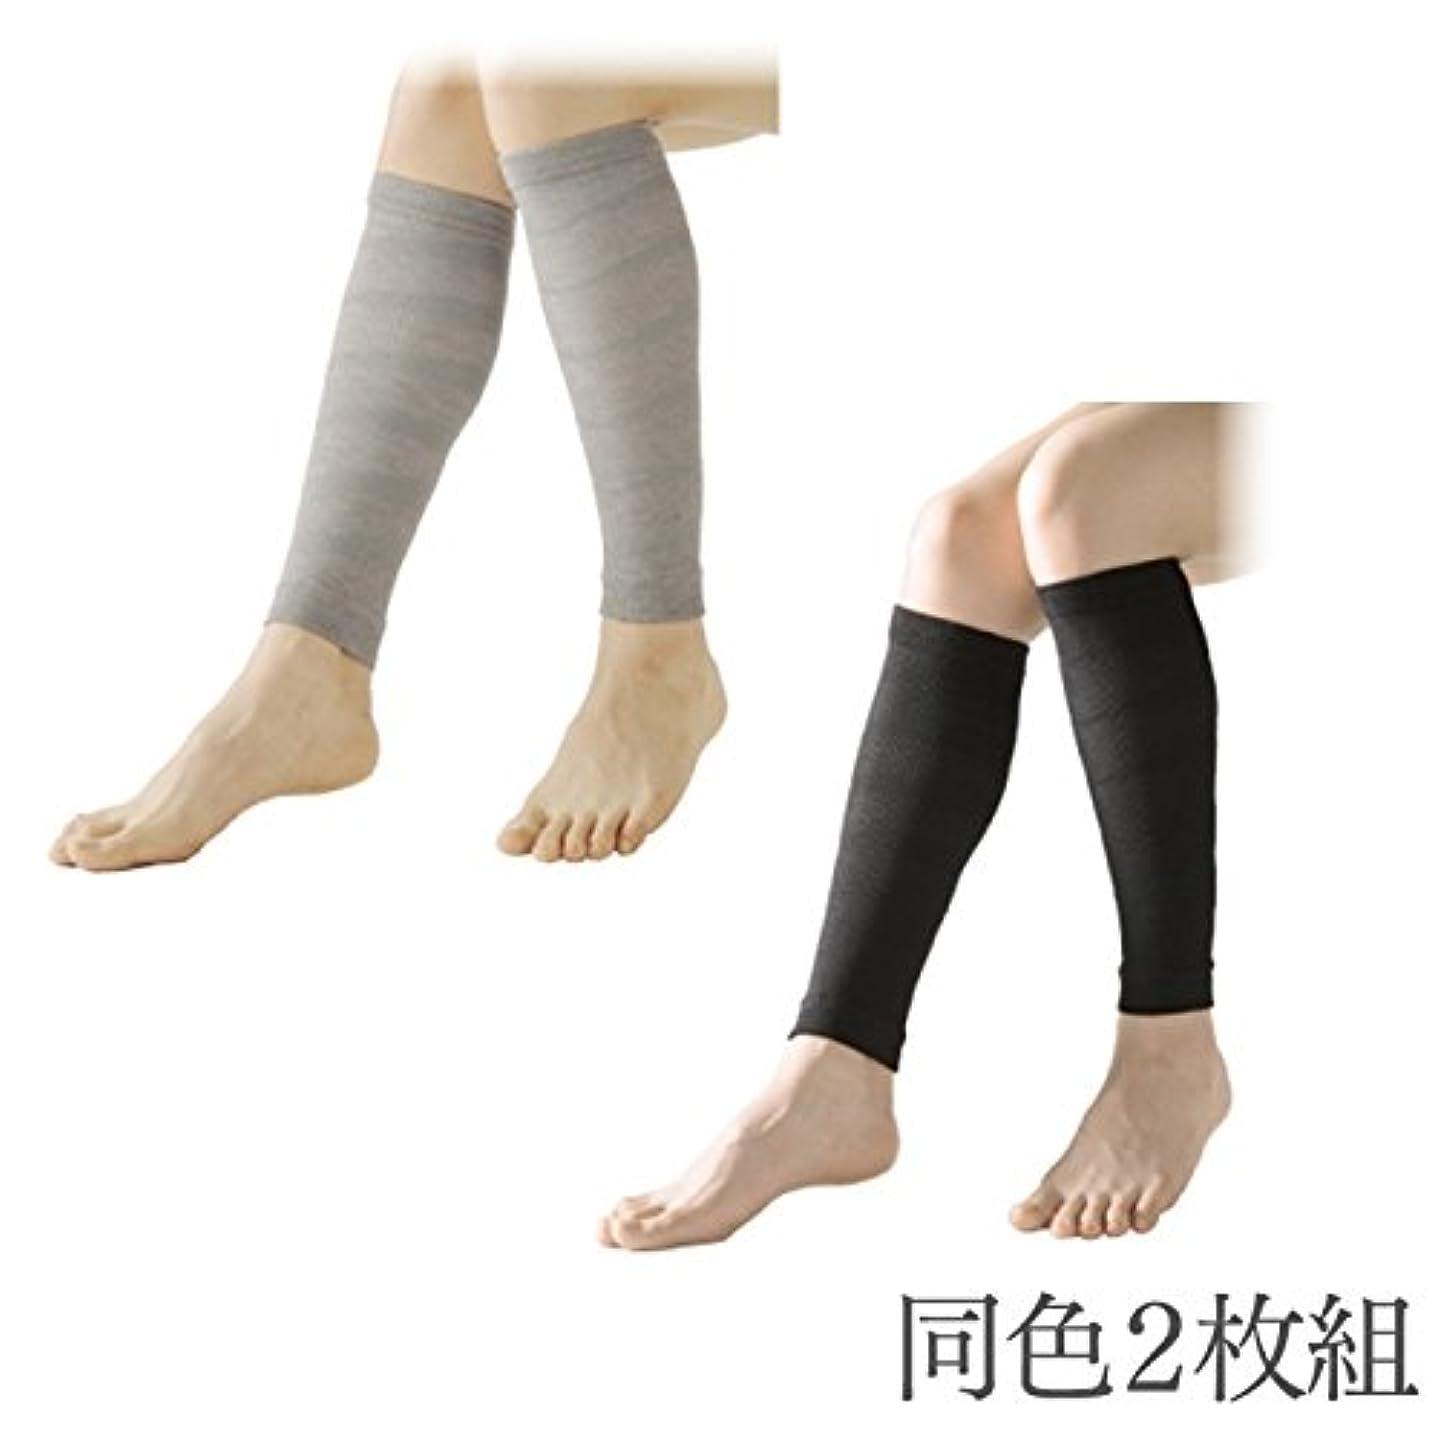 親密な徹底マラソン着圧ソックス 足のむくみ 靴下 むくみ解消 着圧ふくらはぎサポーター 2枚組(グレー)